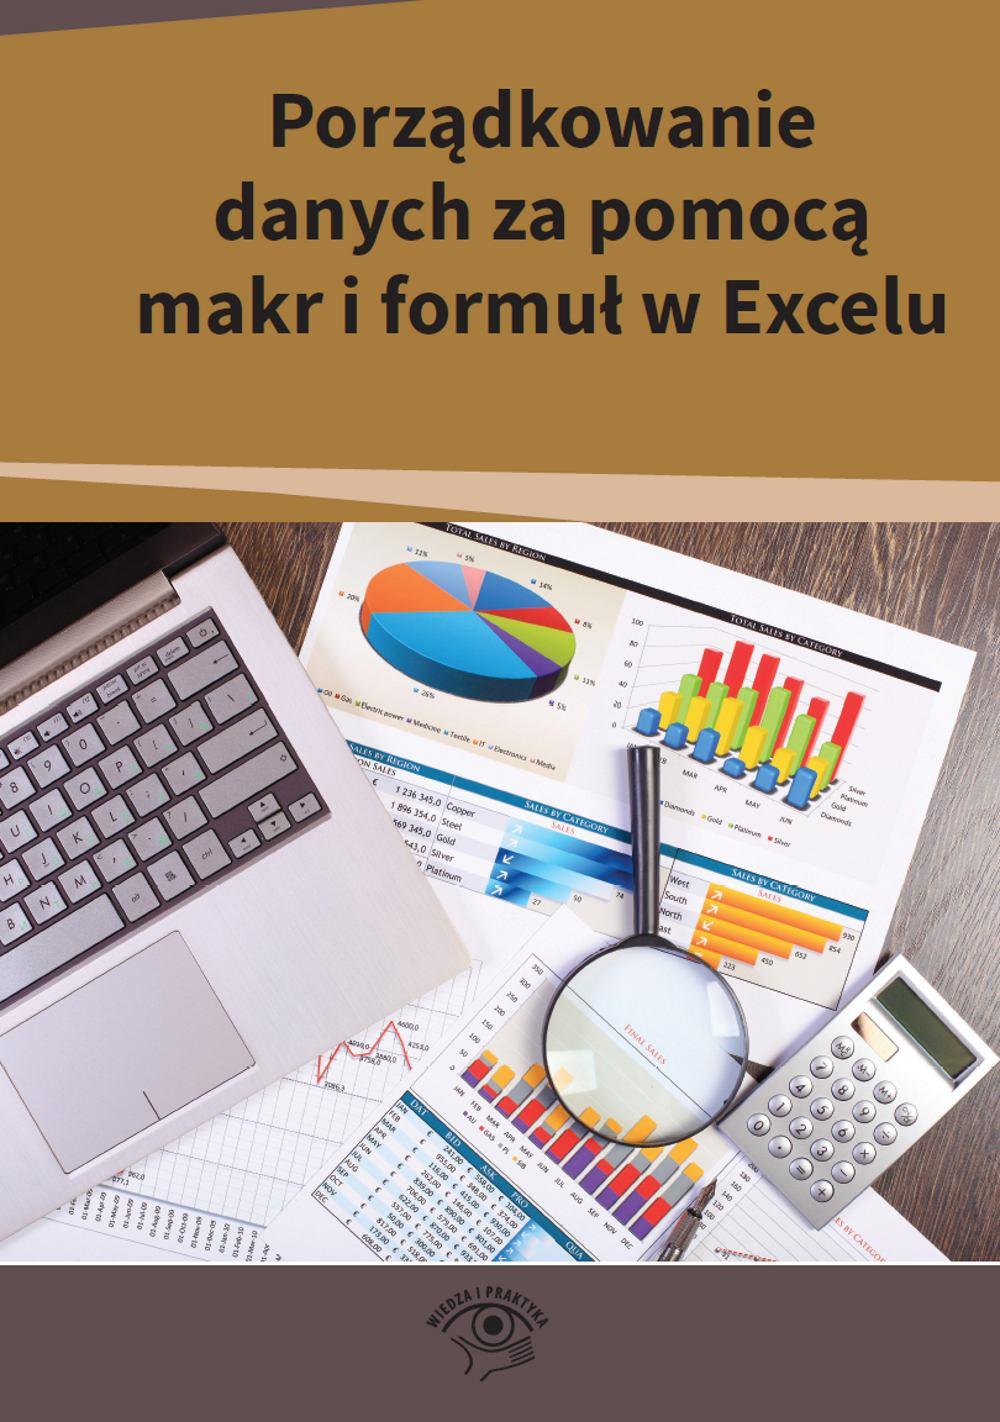 Porządkowanie danych za pomocą makr i formuł w Excelu - Ebook (Książka EPUB) do pobrania w formacie EPUB